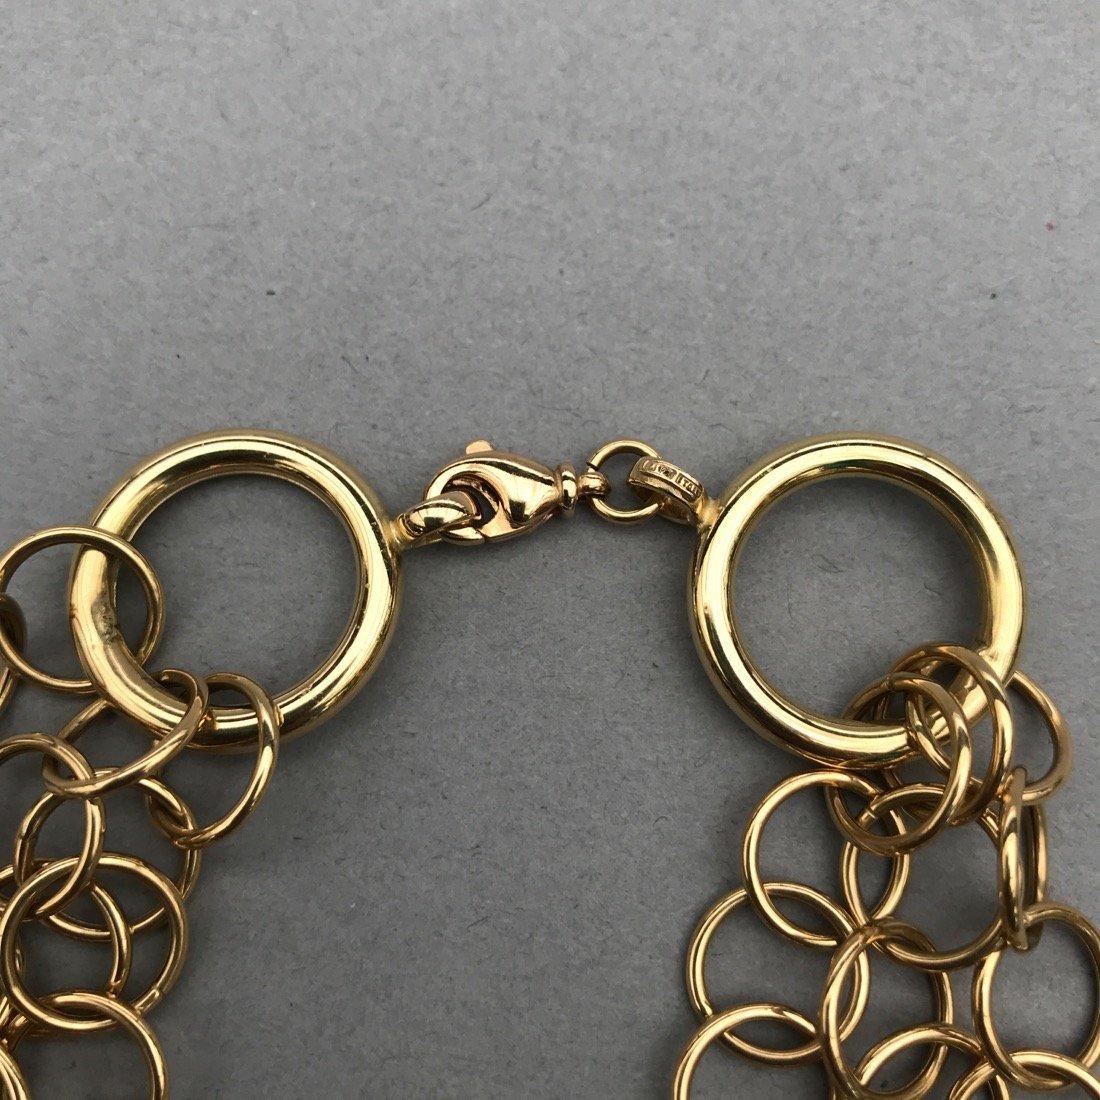 14K Gold 3 Chain Bracelet - 2